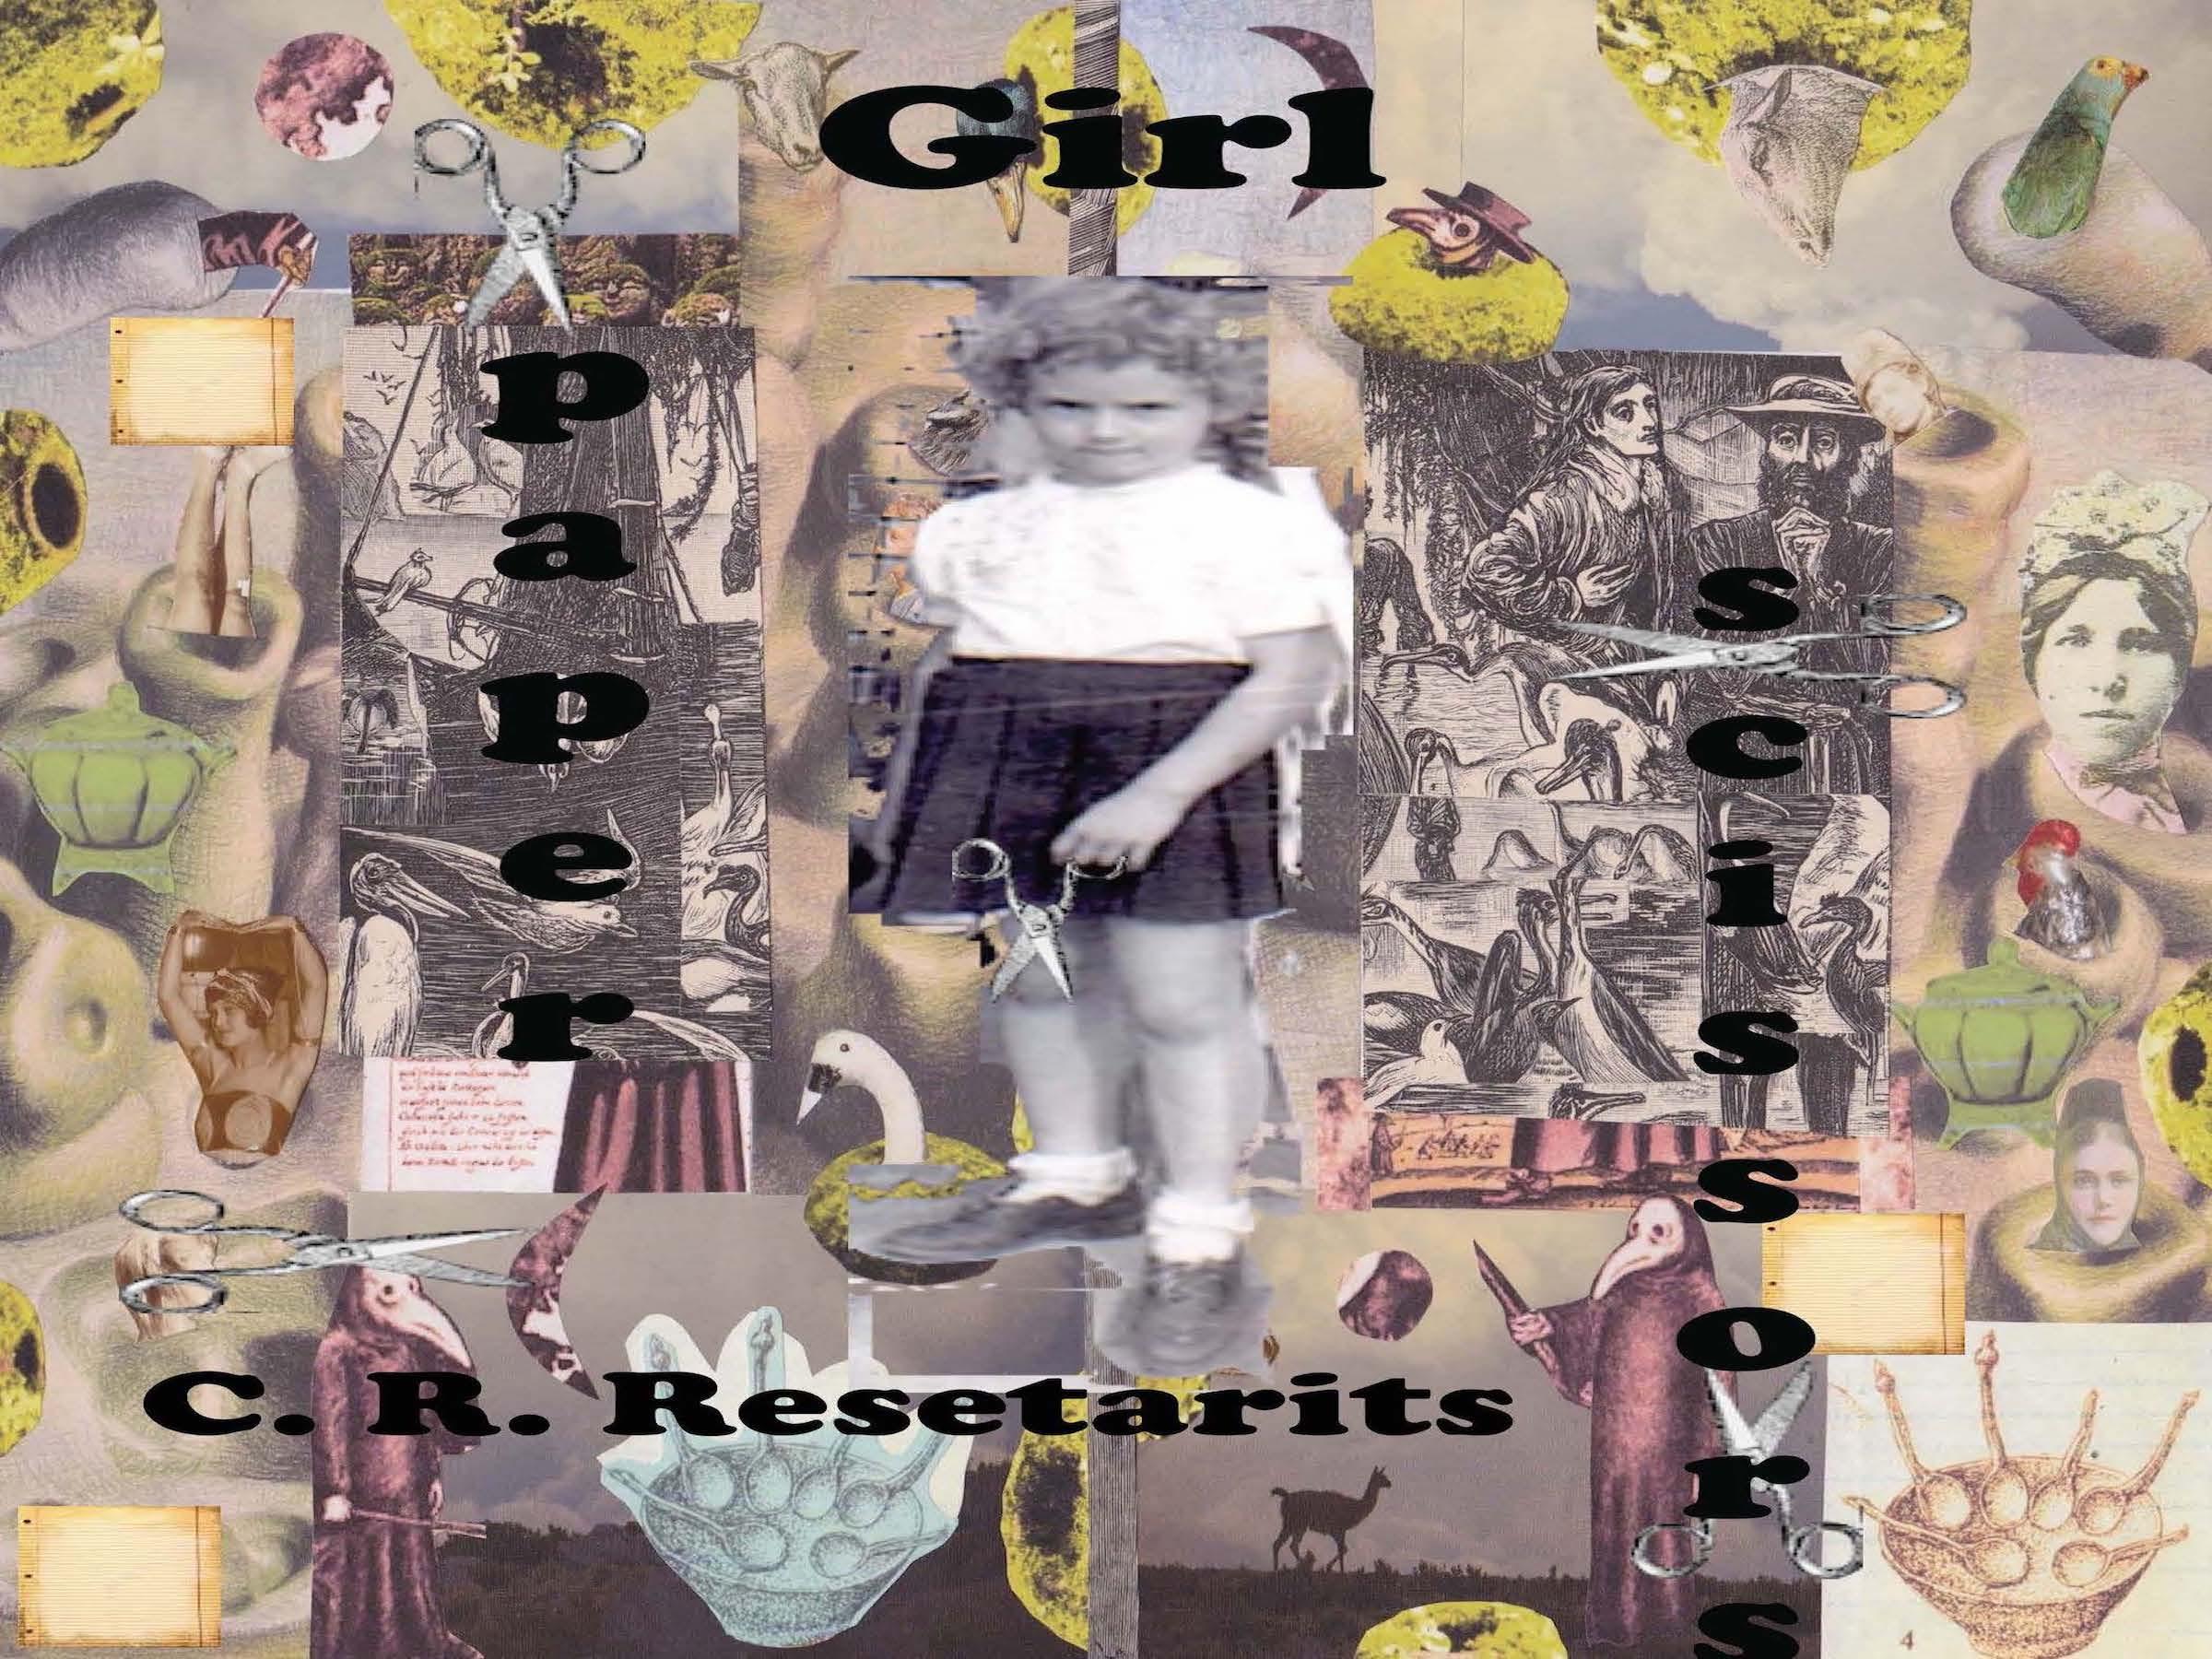 1 cover copy